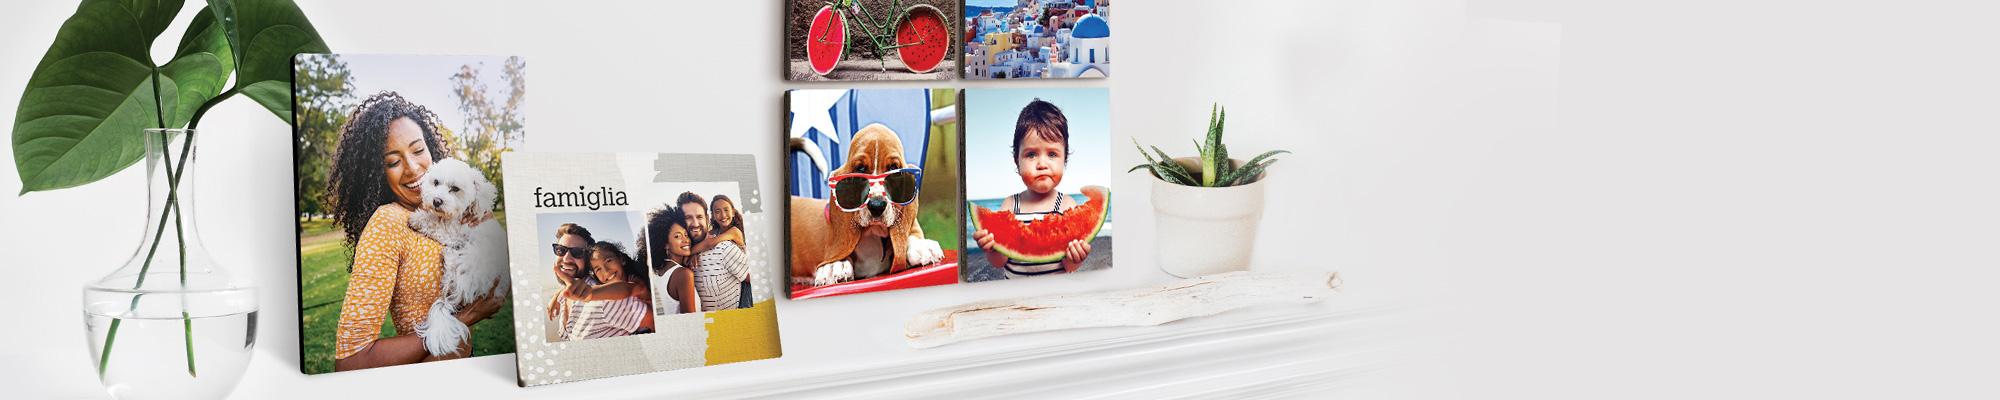 foto arredo e decorazioni pareti